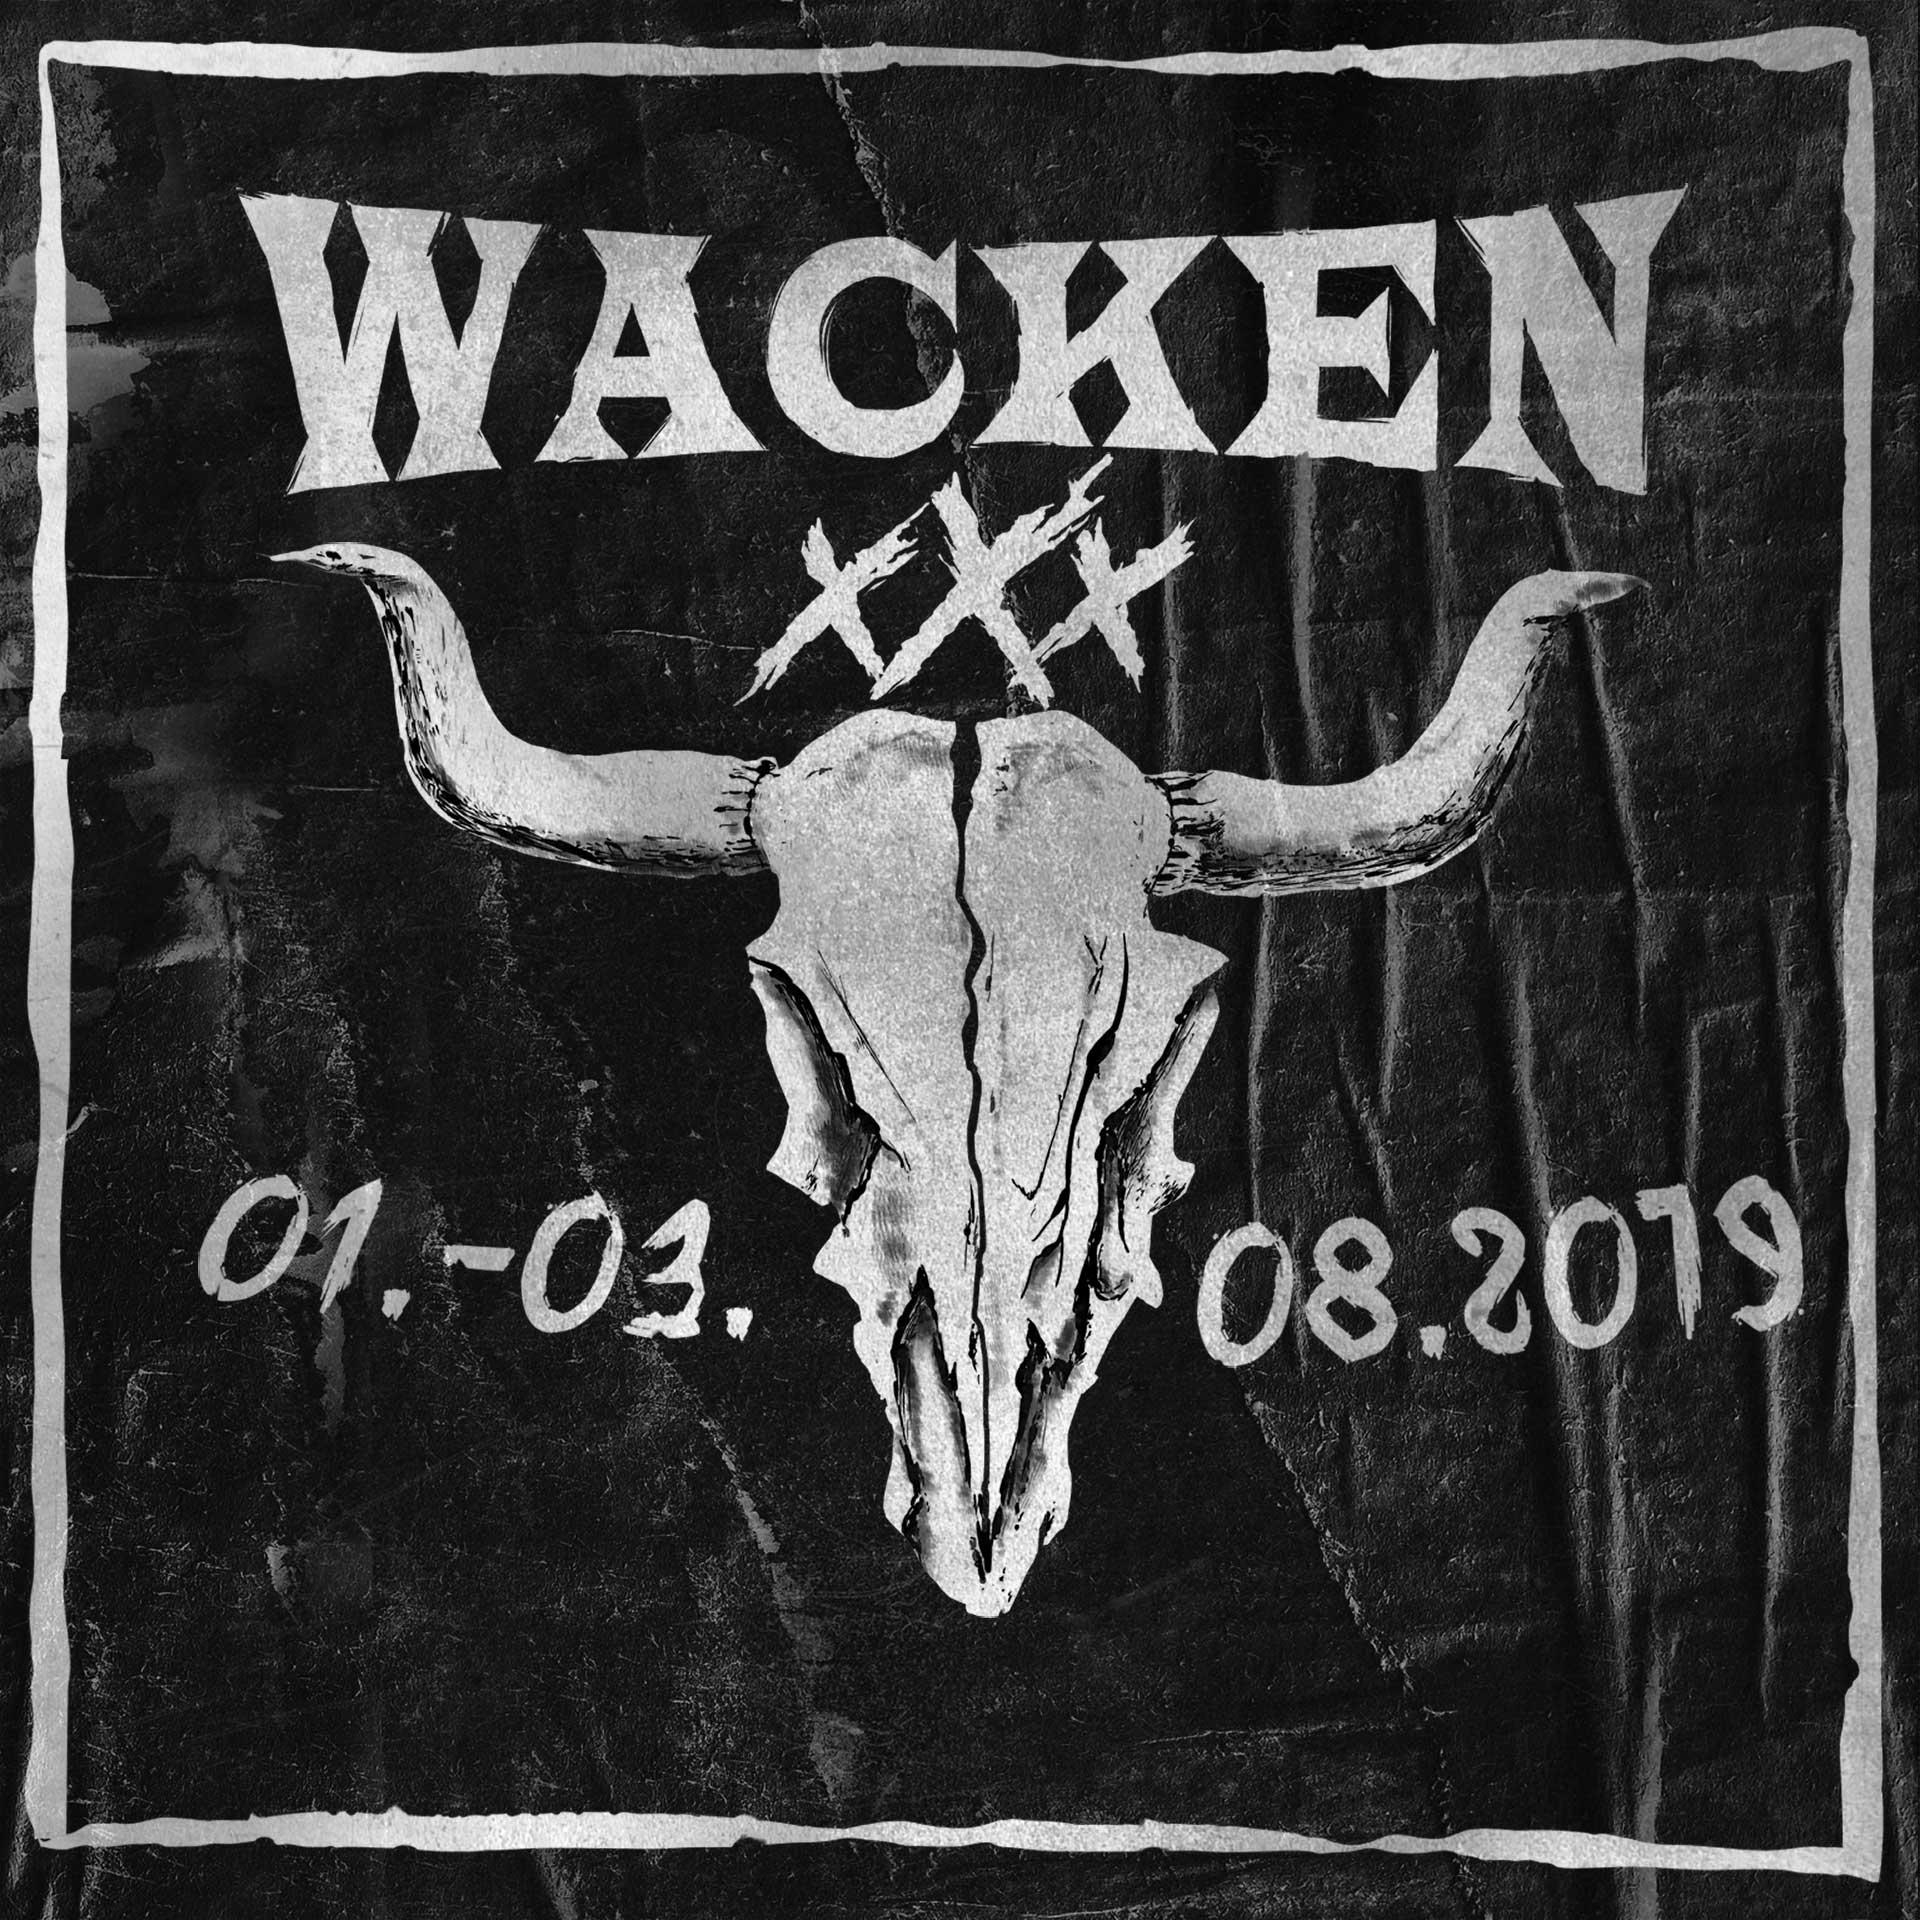 Wacken 2019 Bands